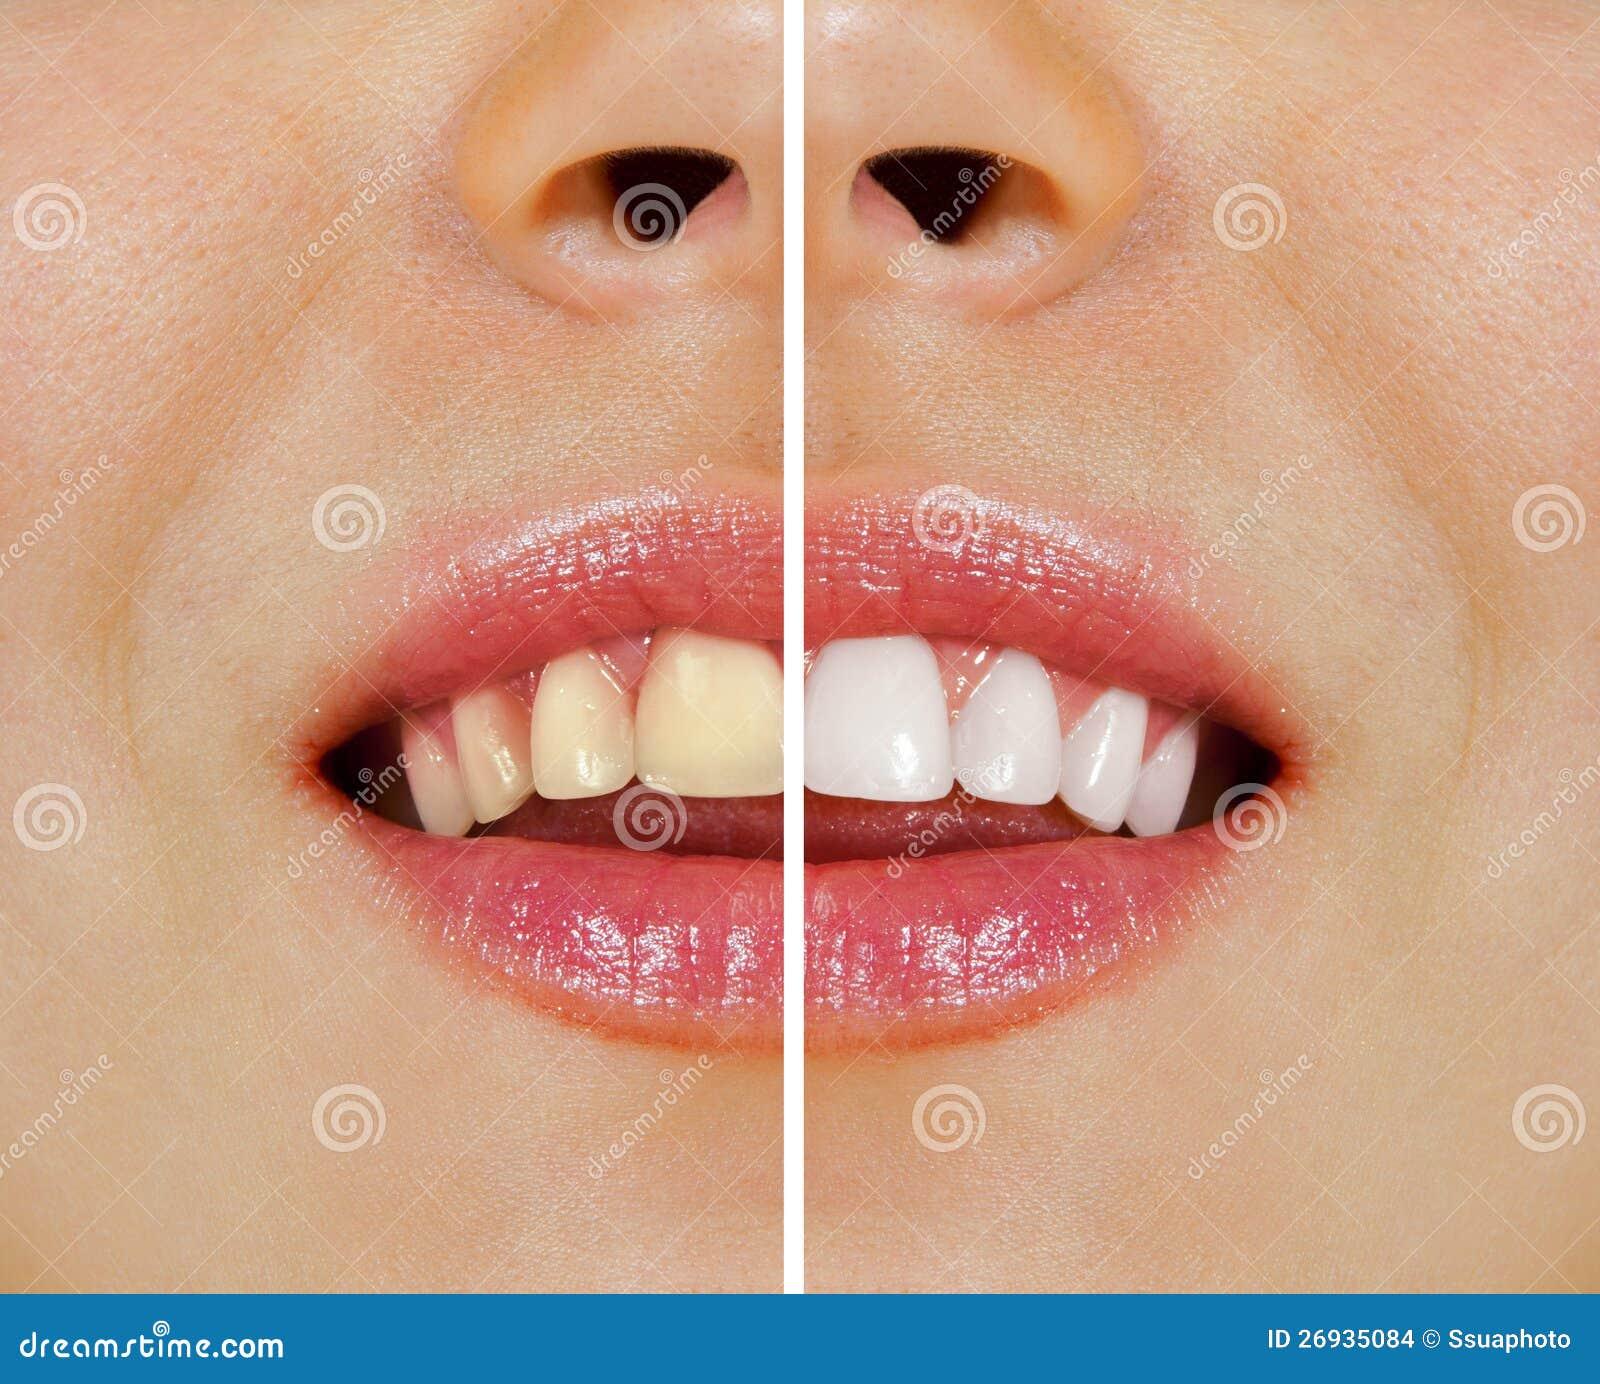 Zähne vor und nach dem Weiß werden